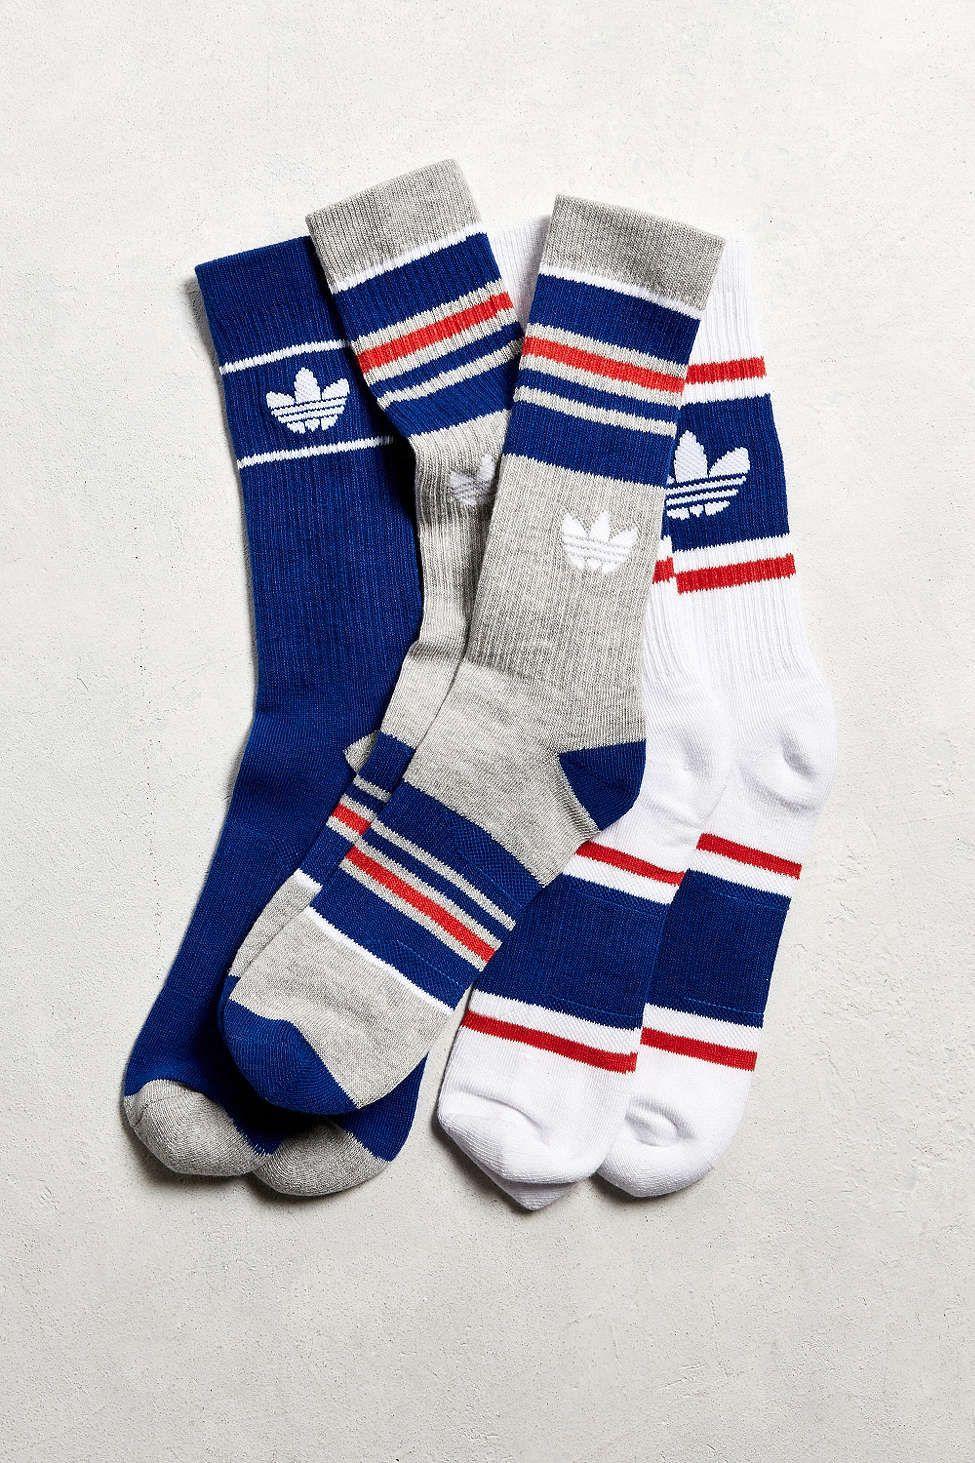 adidas Originals Retro Crew Sock 3-Pack  9ac703c84b3